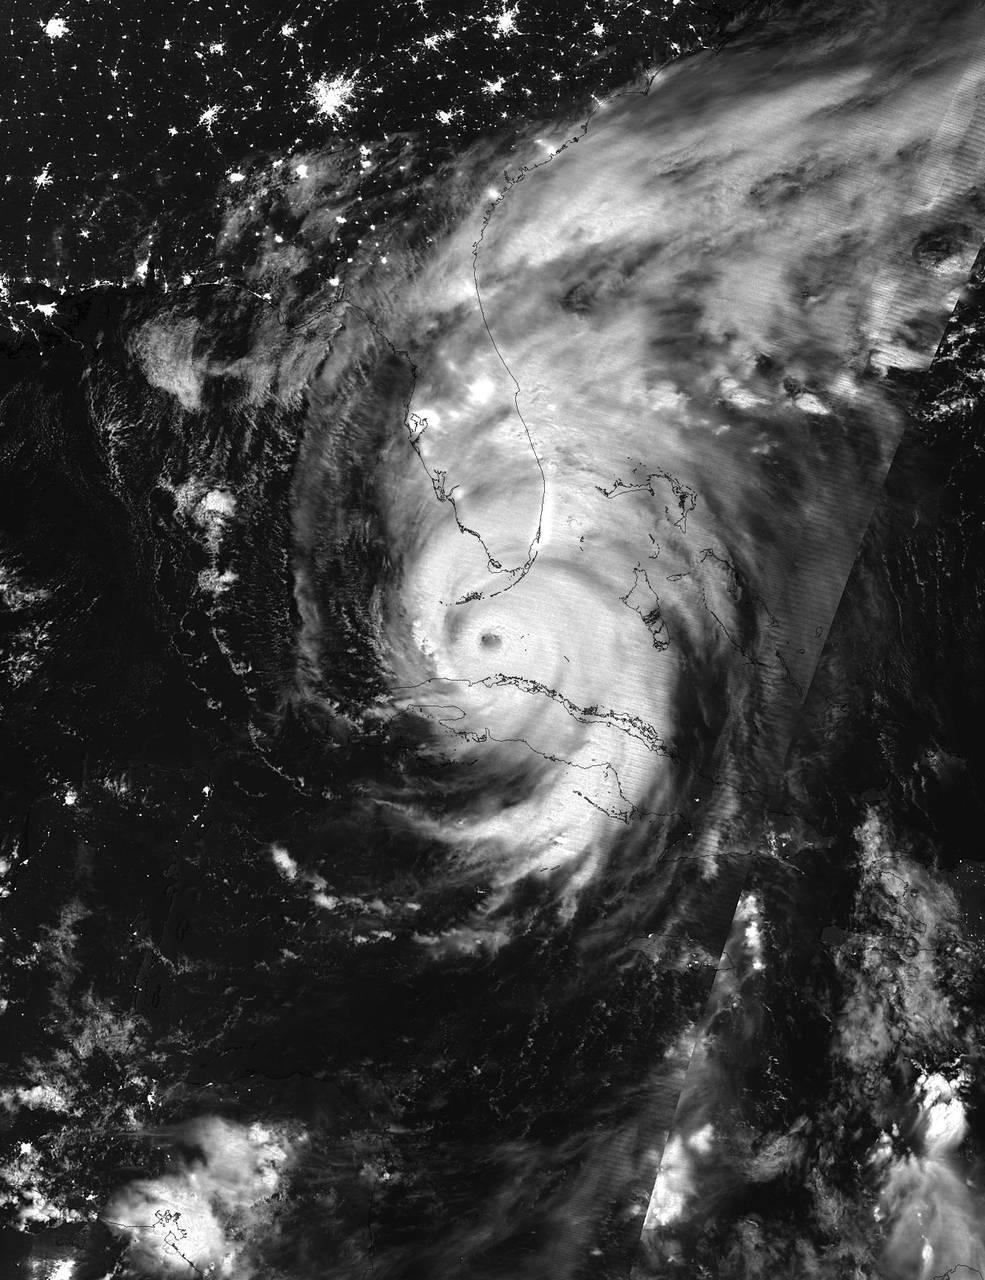 Hemen, igande goizeko 3:38tan, gauez, infra gorri bidez lorturiko irudia ikus daiteke: Bertan Irma Kuba eta Floridako Cayoen artean nola doan ikus daiteke. NOAA / NASA Goddard Rapid Response Team